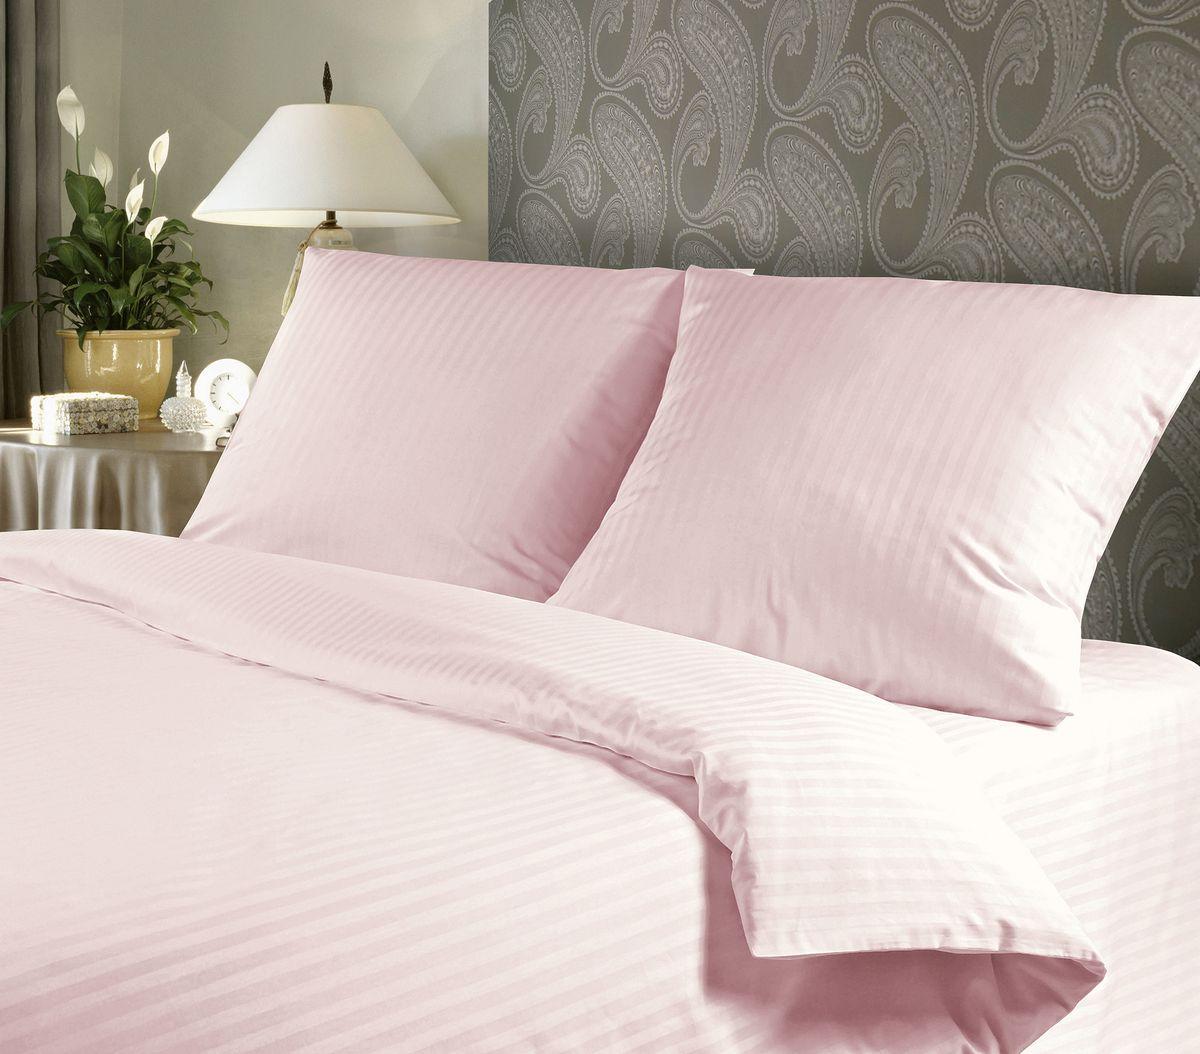 Комплект белья Verossa, 1,5-спальный, наволочки 70х70, цвет: розовый192827Сатин - настоящая роскошь для любителей понежиться в постели. Вас манит его блеск, завораживает гладкость, ласкает мягкость, и каждая минута с ним - истинное наслаждение. Тонкая пряжа и атласное переплетение нитей обеспечивают сатину мягкость и деликатность. Легкий блеск сатина делает дизайны живыми и переливающимися. 100% хлопок, не электризуется и отлично пропускает воздух, ткань дышит. Легко стирается и практически не требует глажения. Не линяет, не изменяет вид после многочисленных стирок.